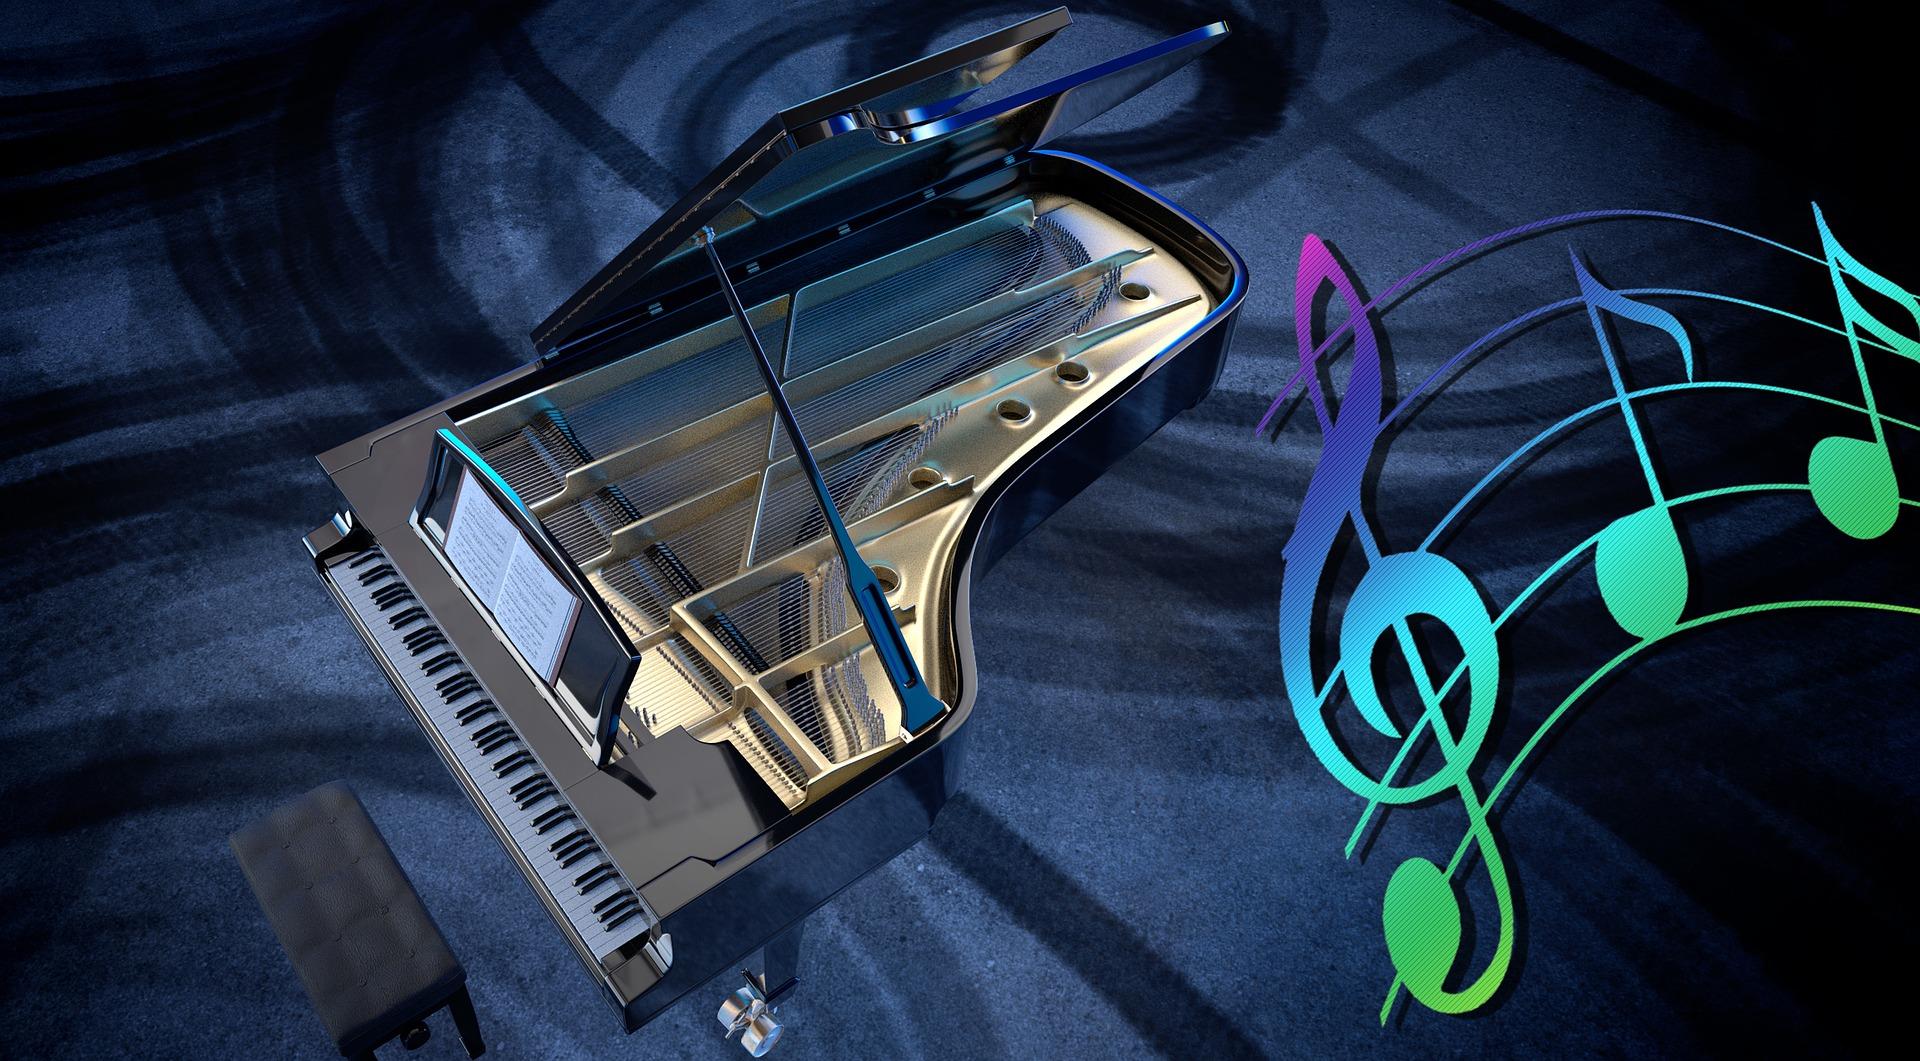 Télécharger Piano virtuel Midi gratuit | Le logiciel gratuit